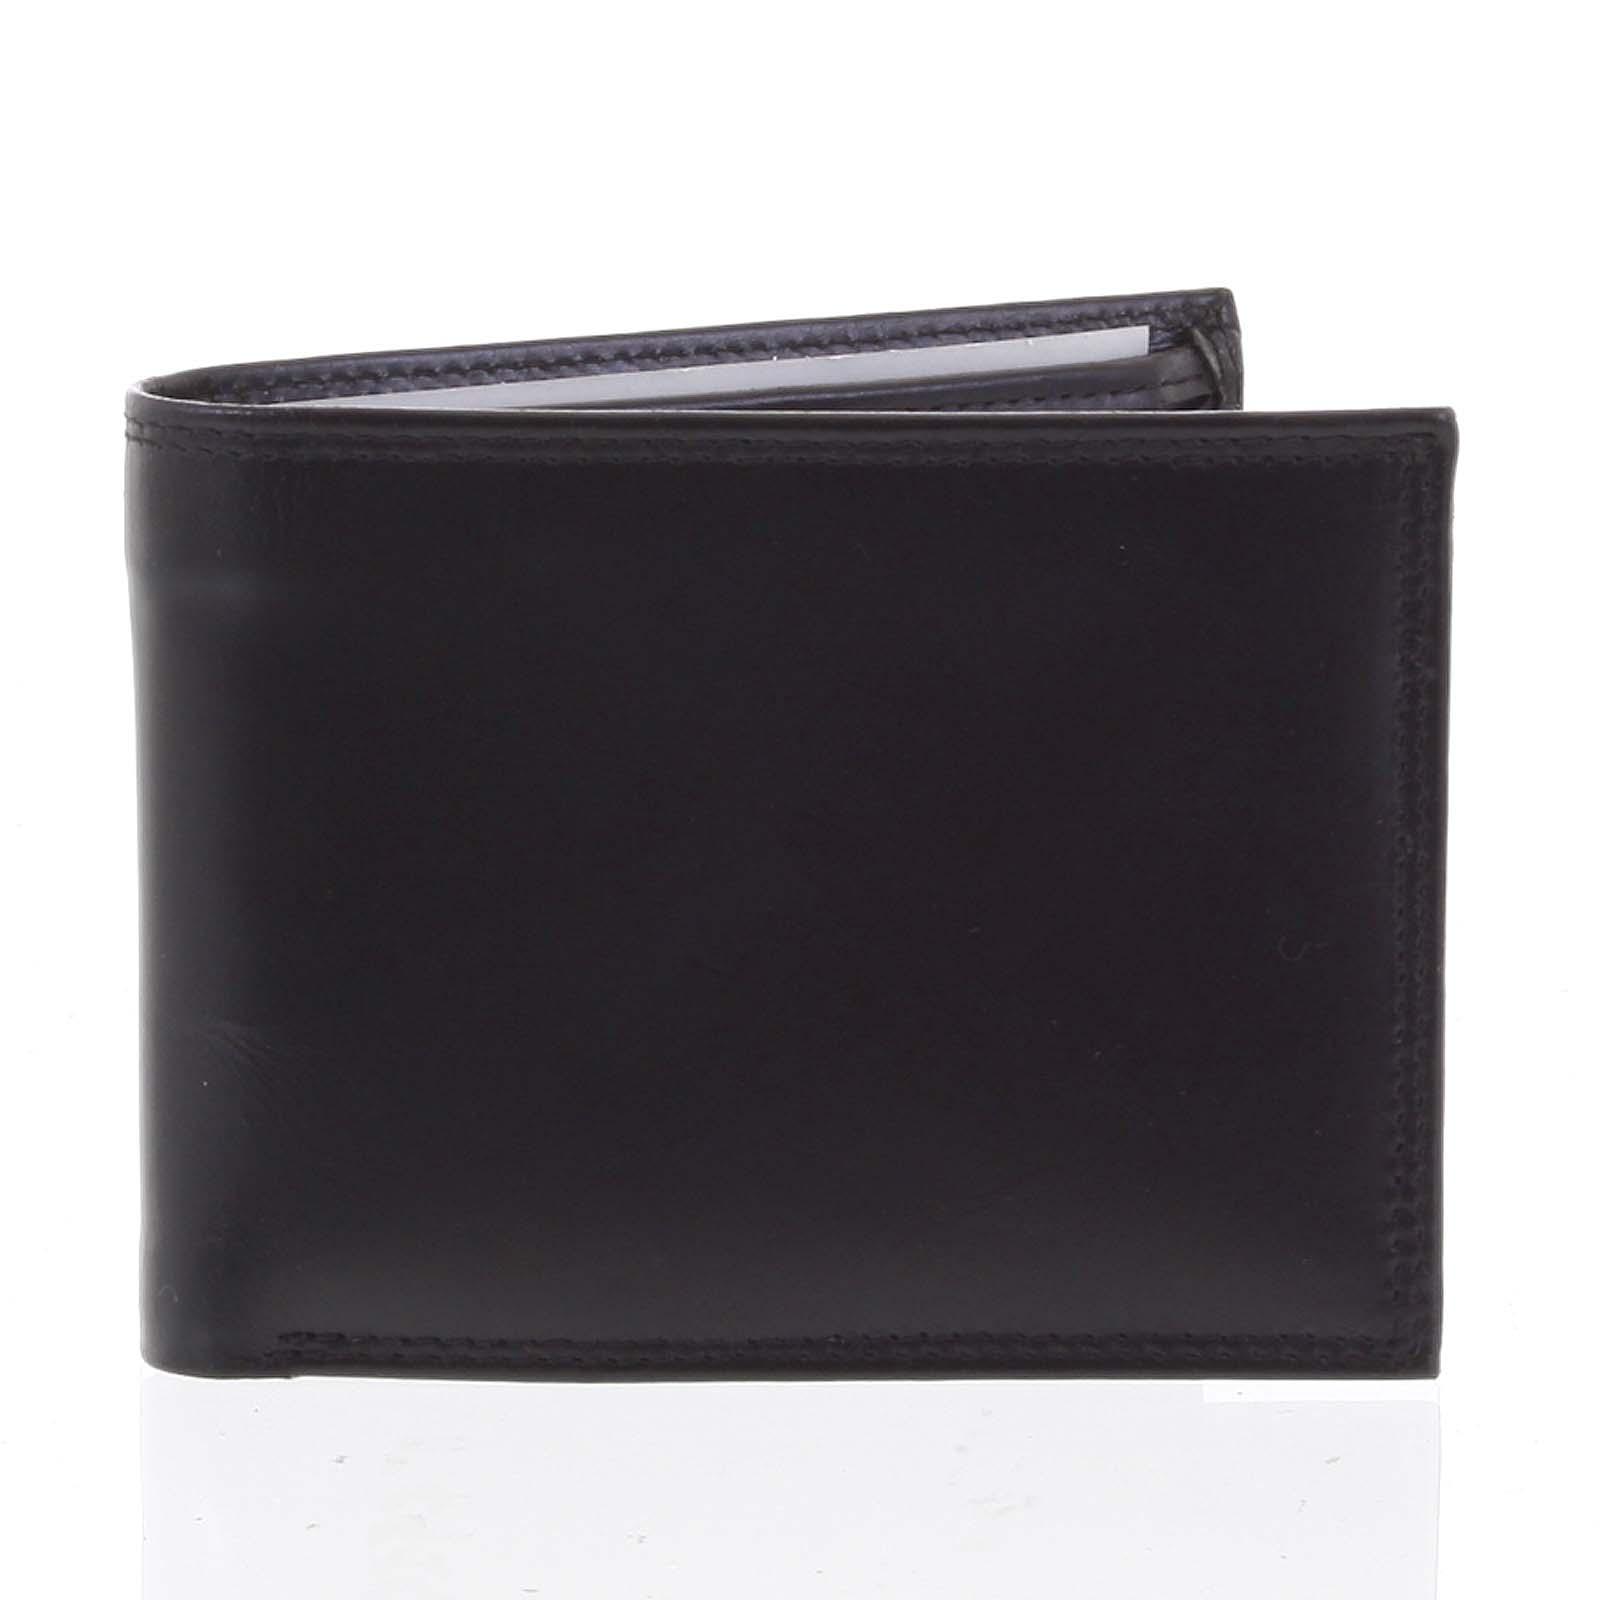 Kožená pánská černá hladká volná peněženka - ItParr